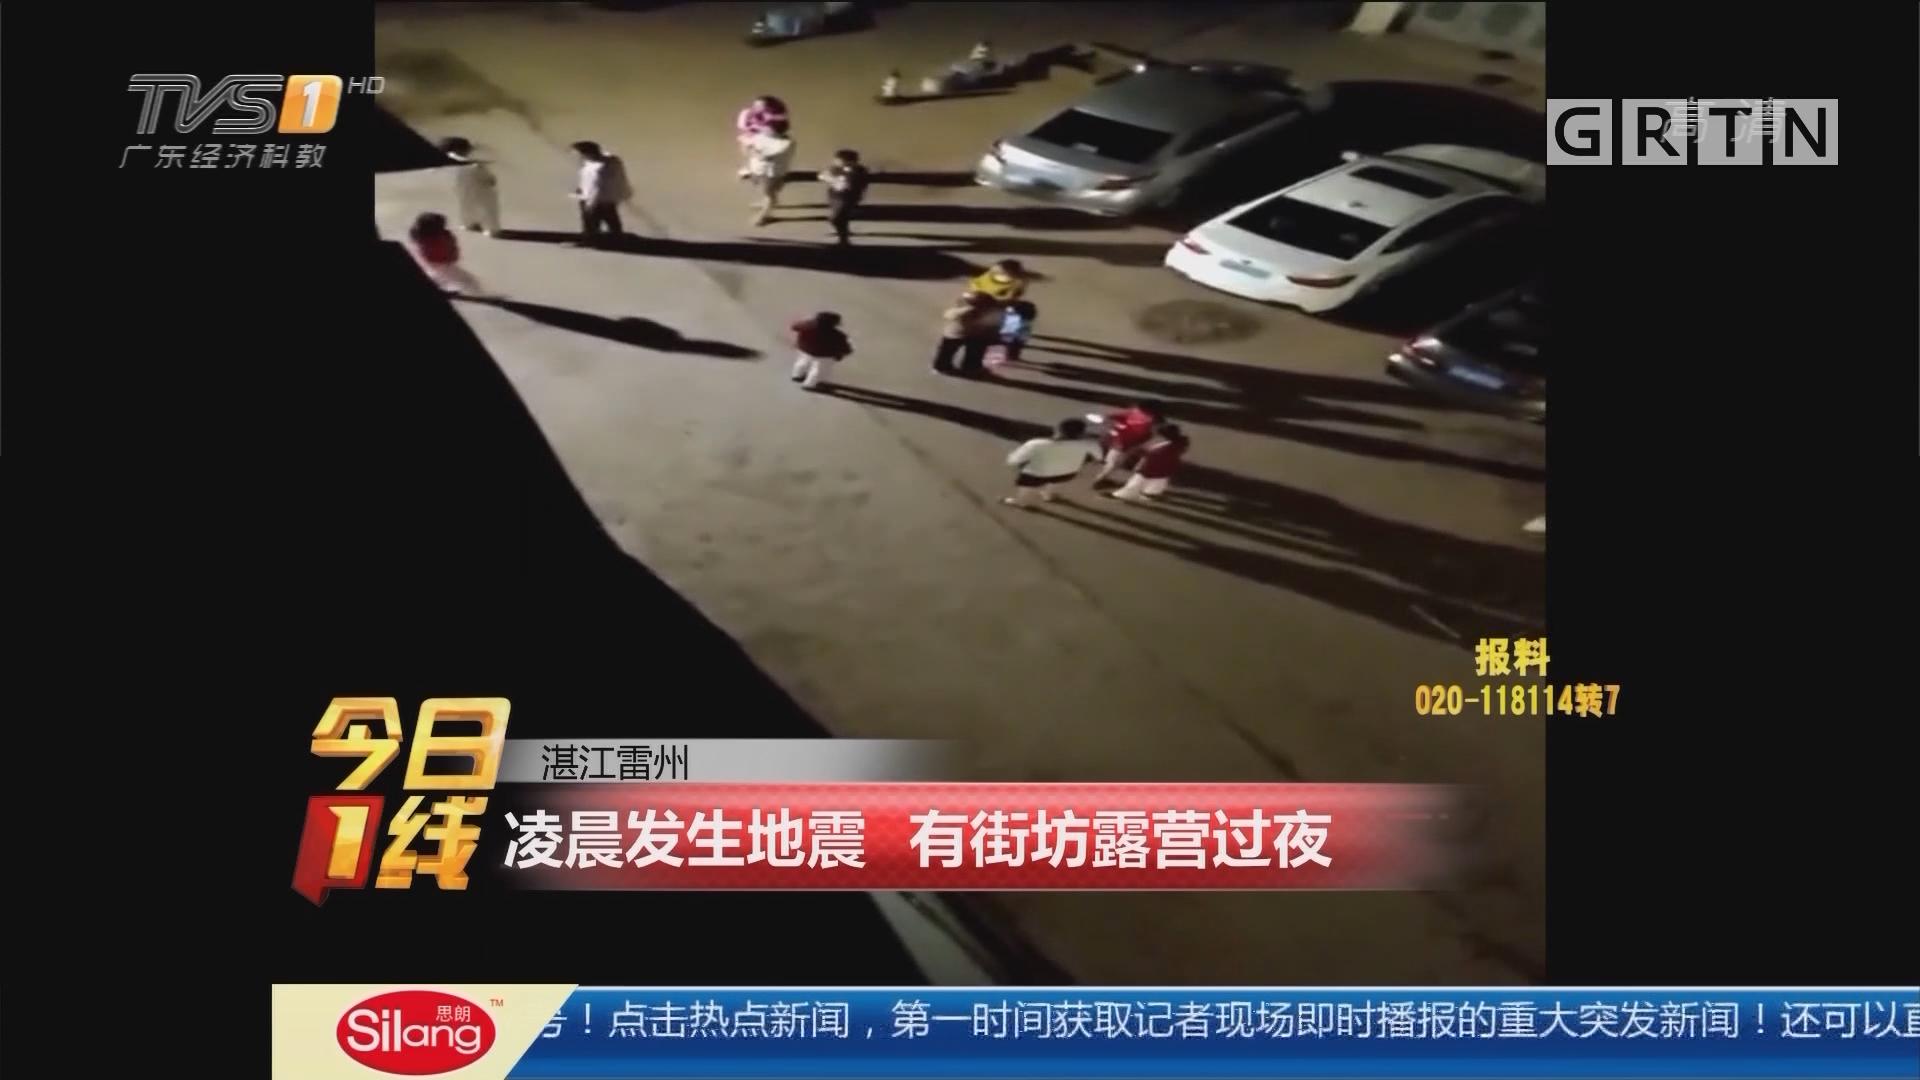 湛江雷州:凌晨发生地震 有街坊露营过夜